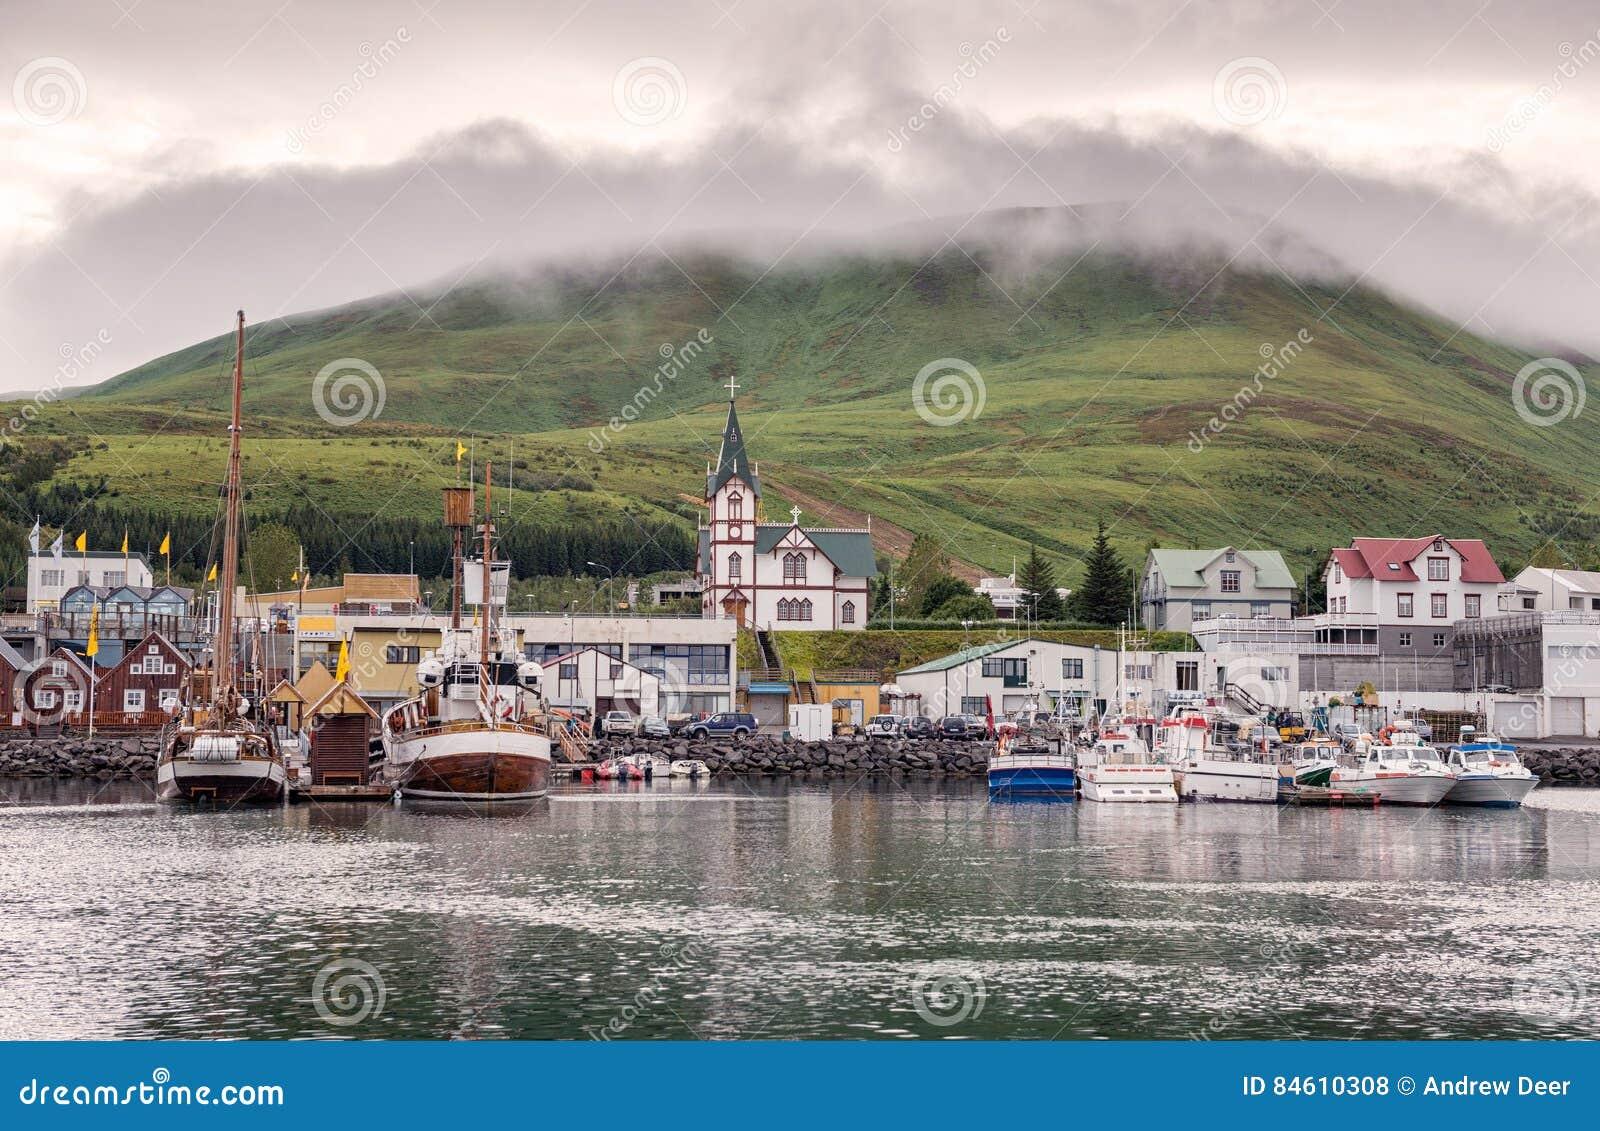 Husavik, Islande - les bateaux de pêche ont amarré au port à la lumière tamisée